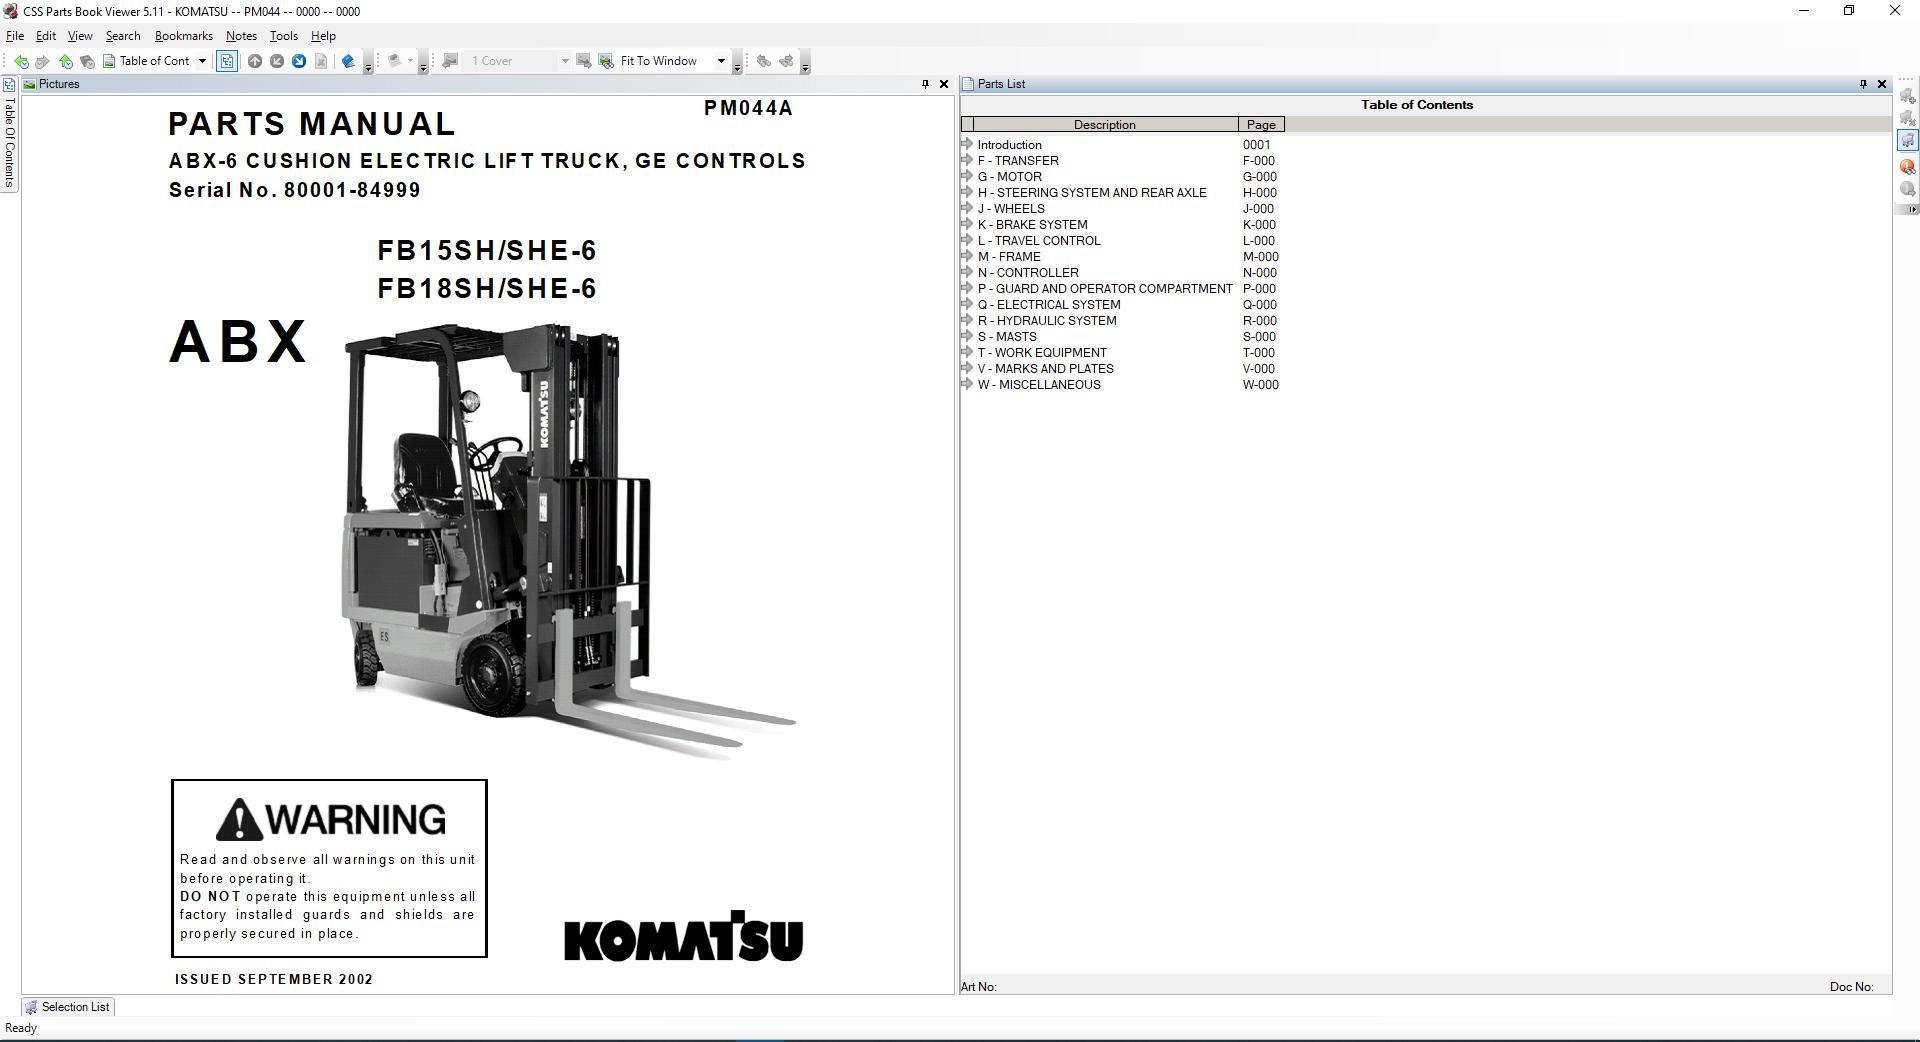 Komatsu_Forklift_USA_CSS_Part_EPC_1020194